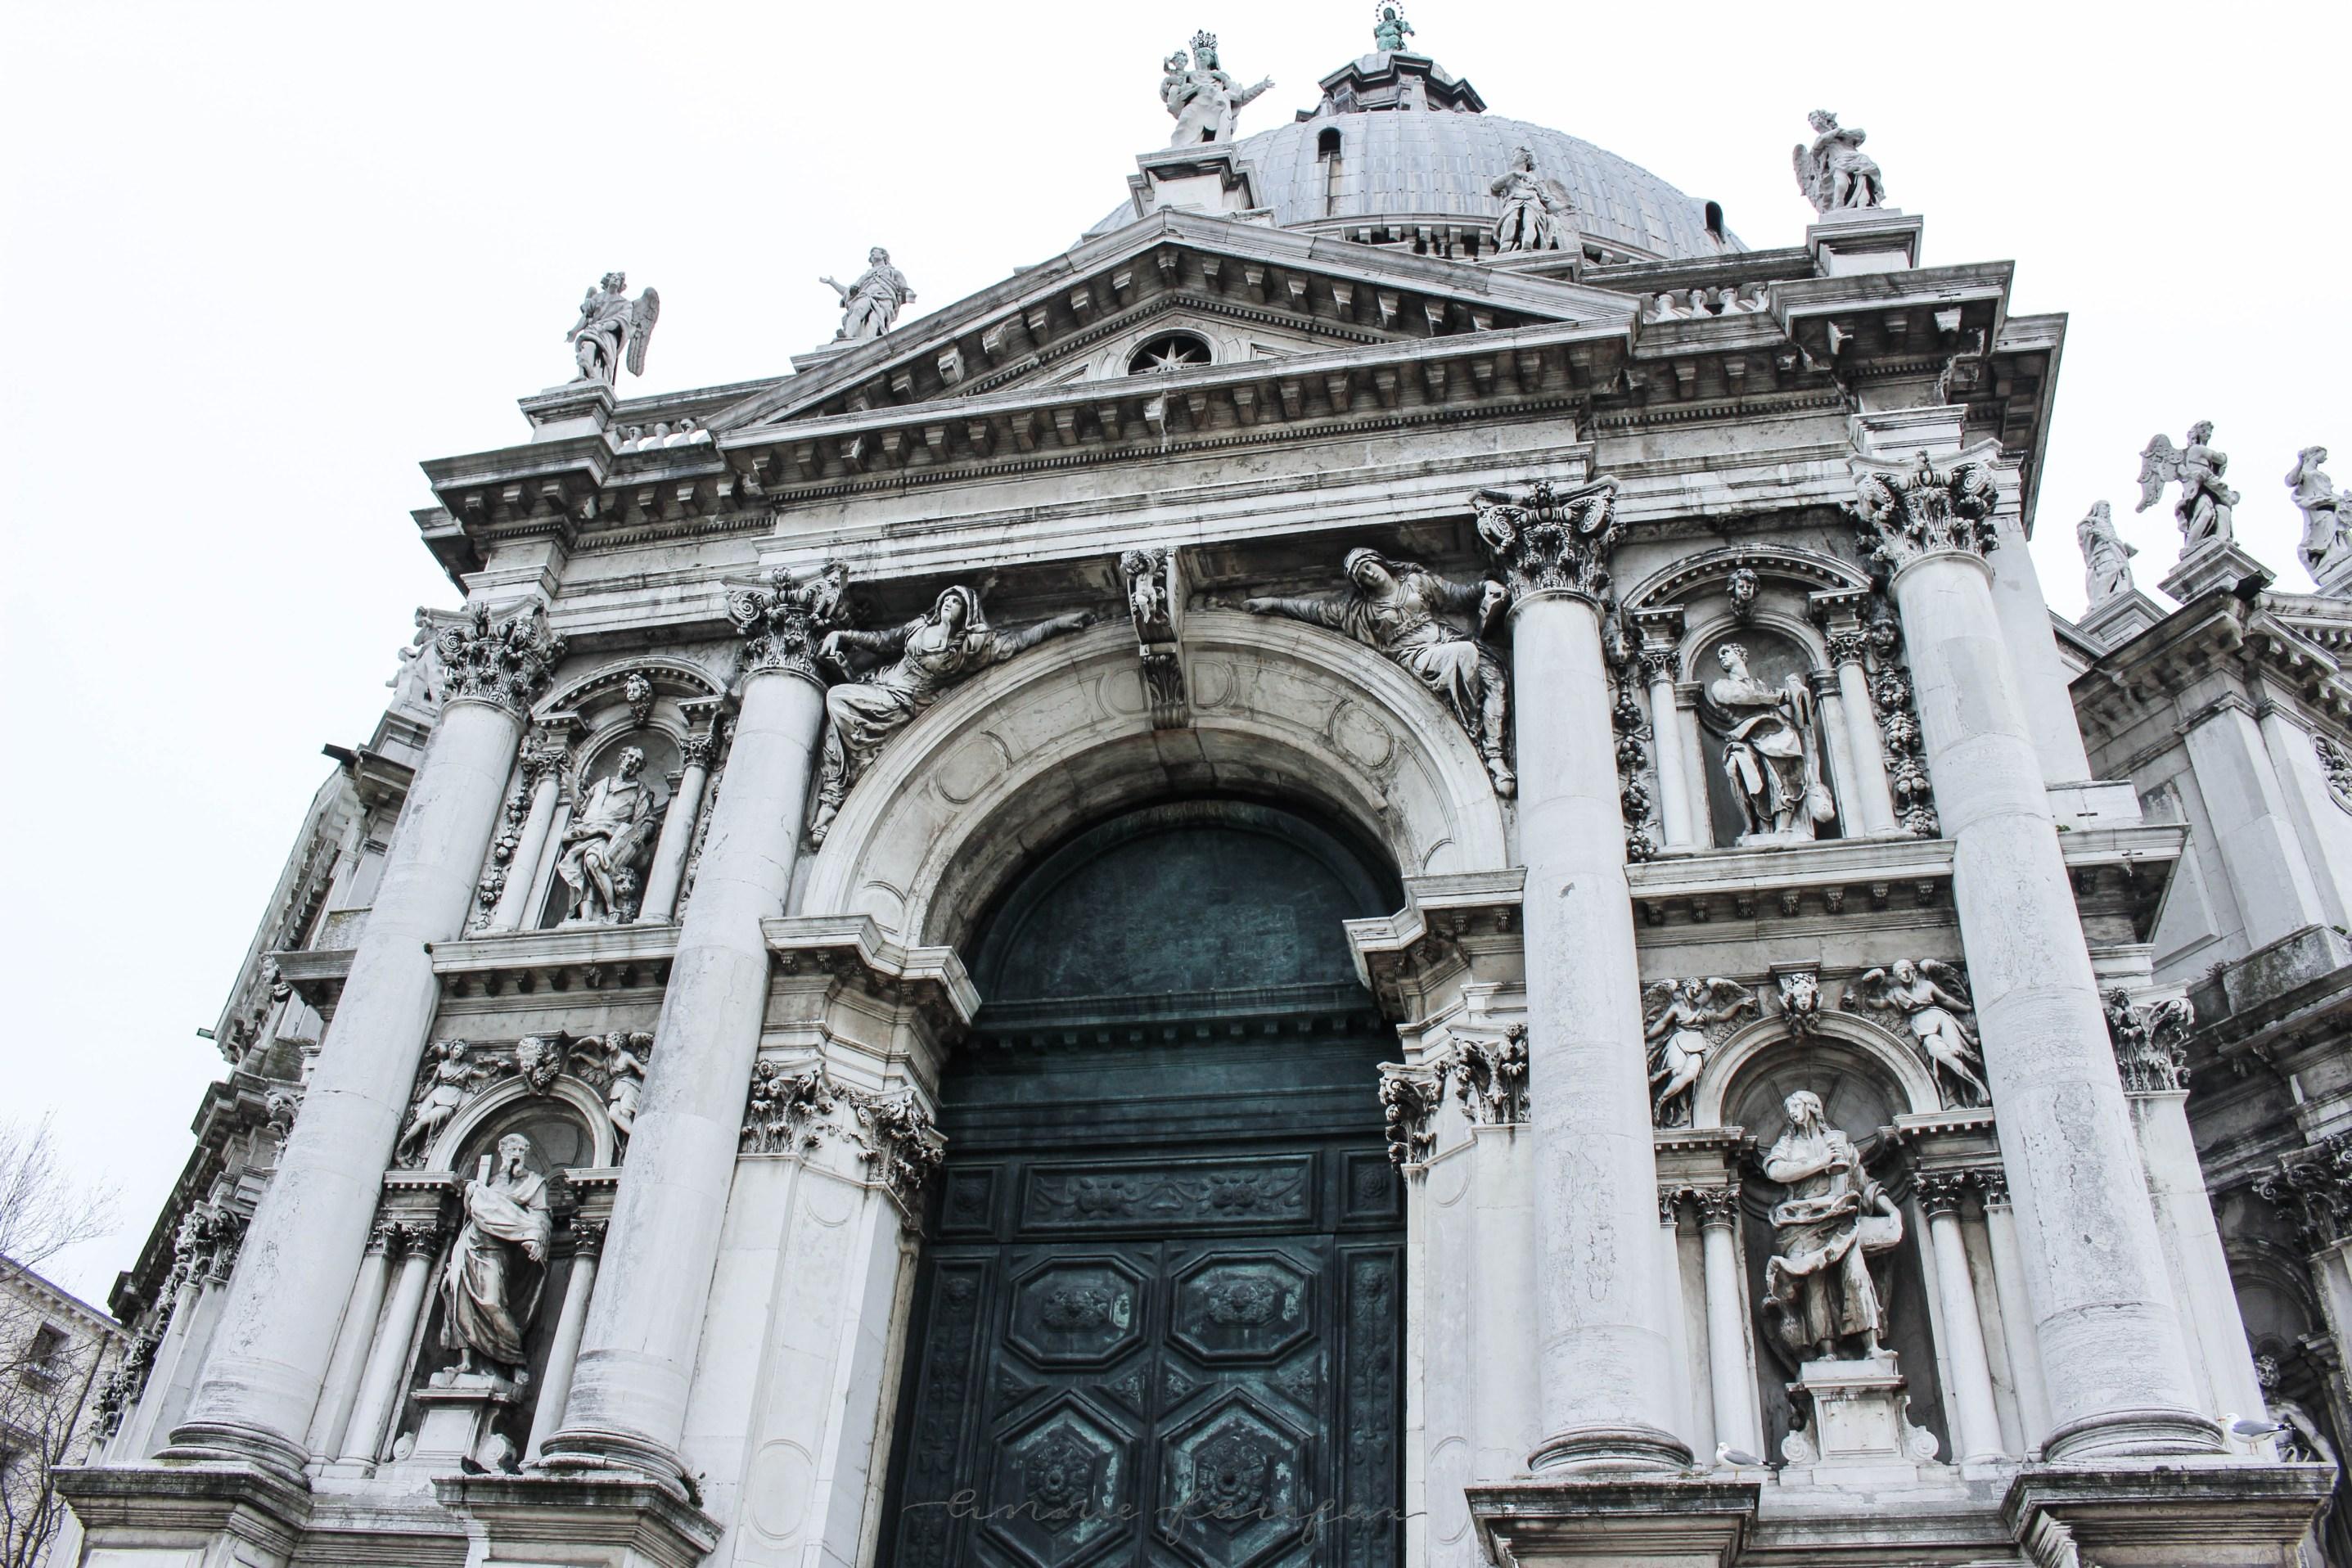 Basilica di Santa Maria della Salute Catholic Churches in Venice, Italy Venezia Italia Incredible Things To See and Do in Venezia by Annie Fairfax